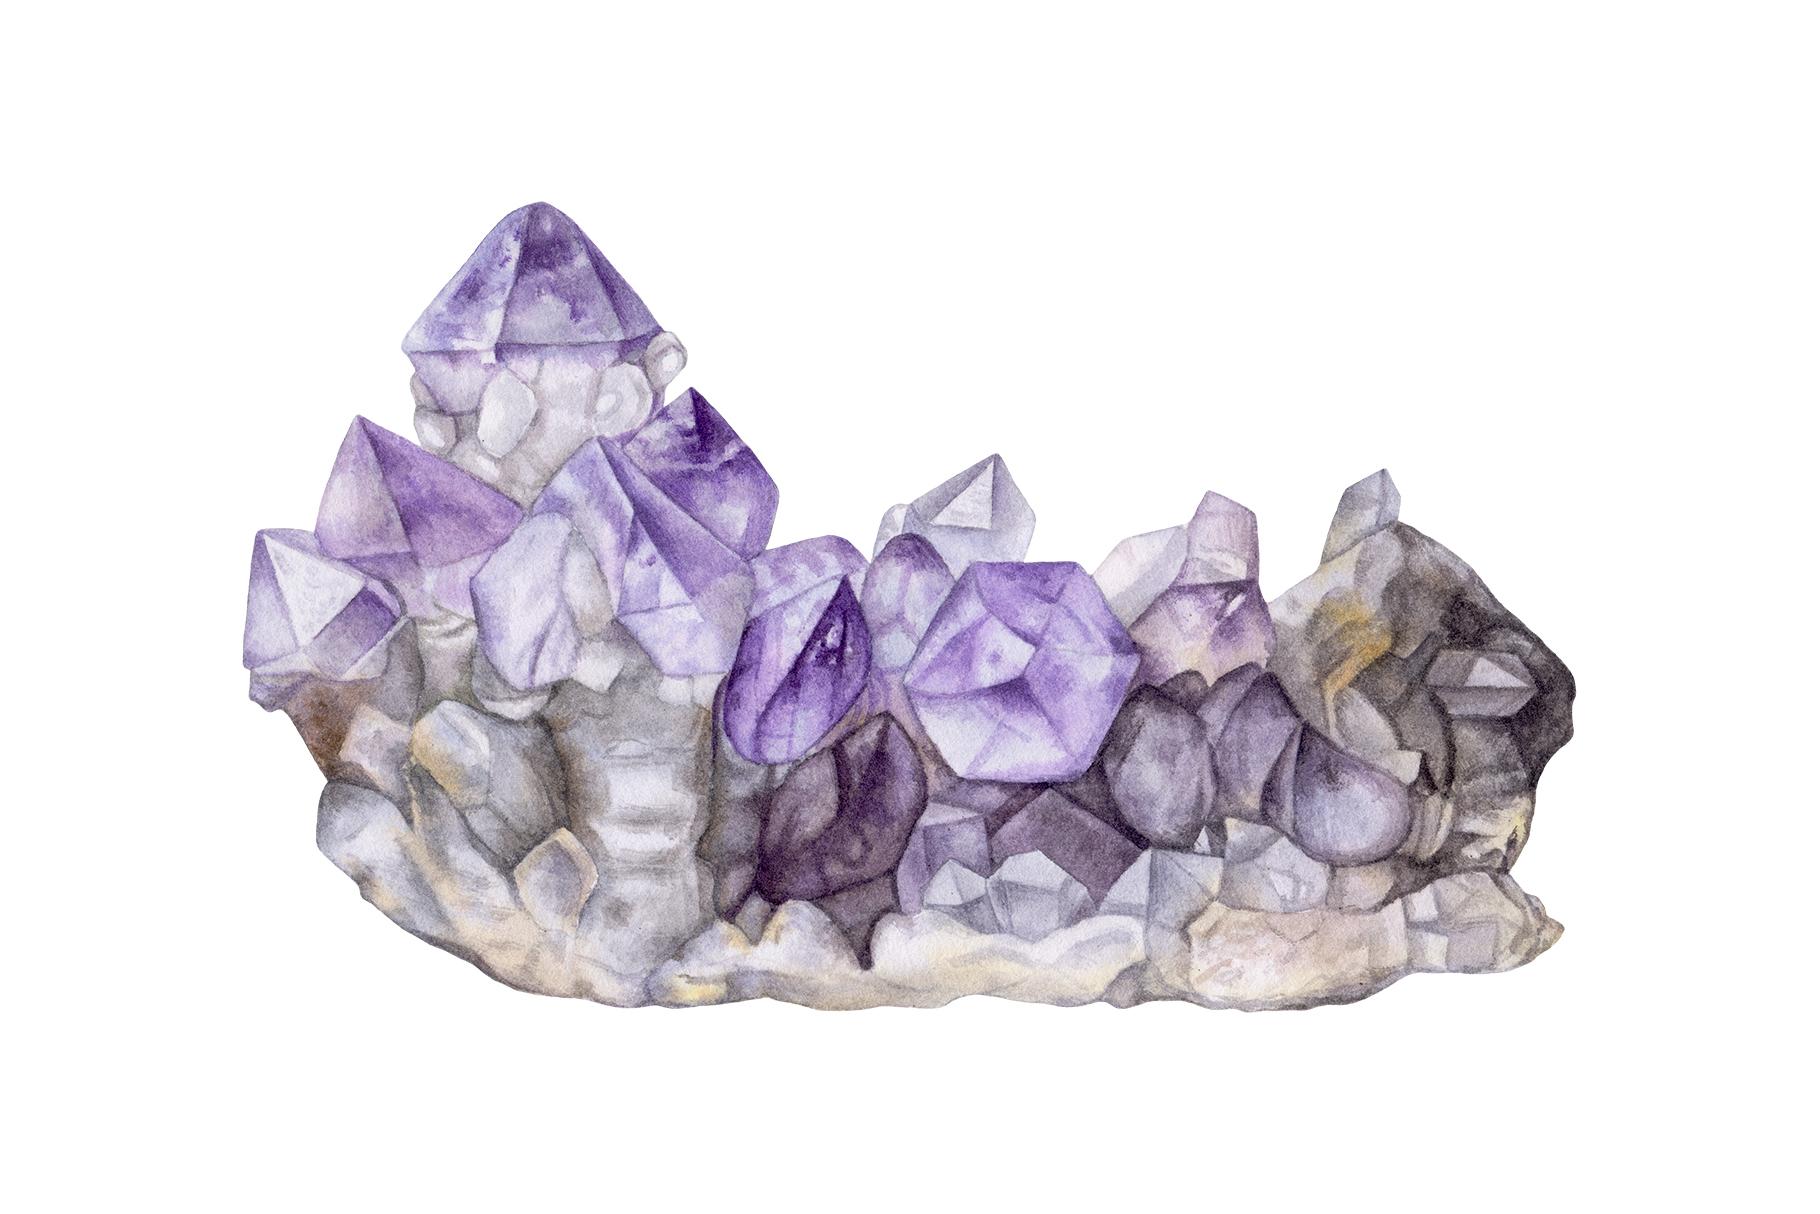 рисунок кристаллов аметиста всего